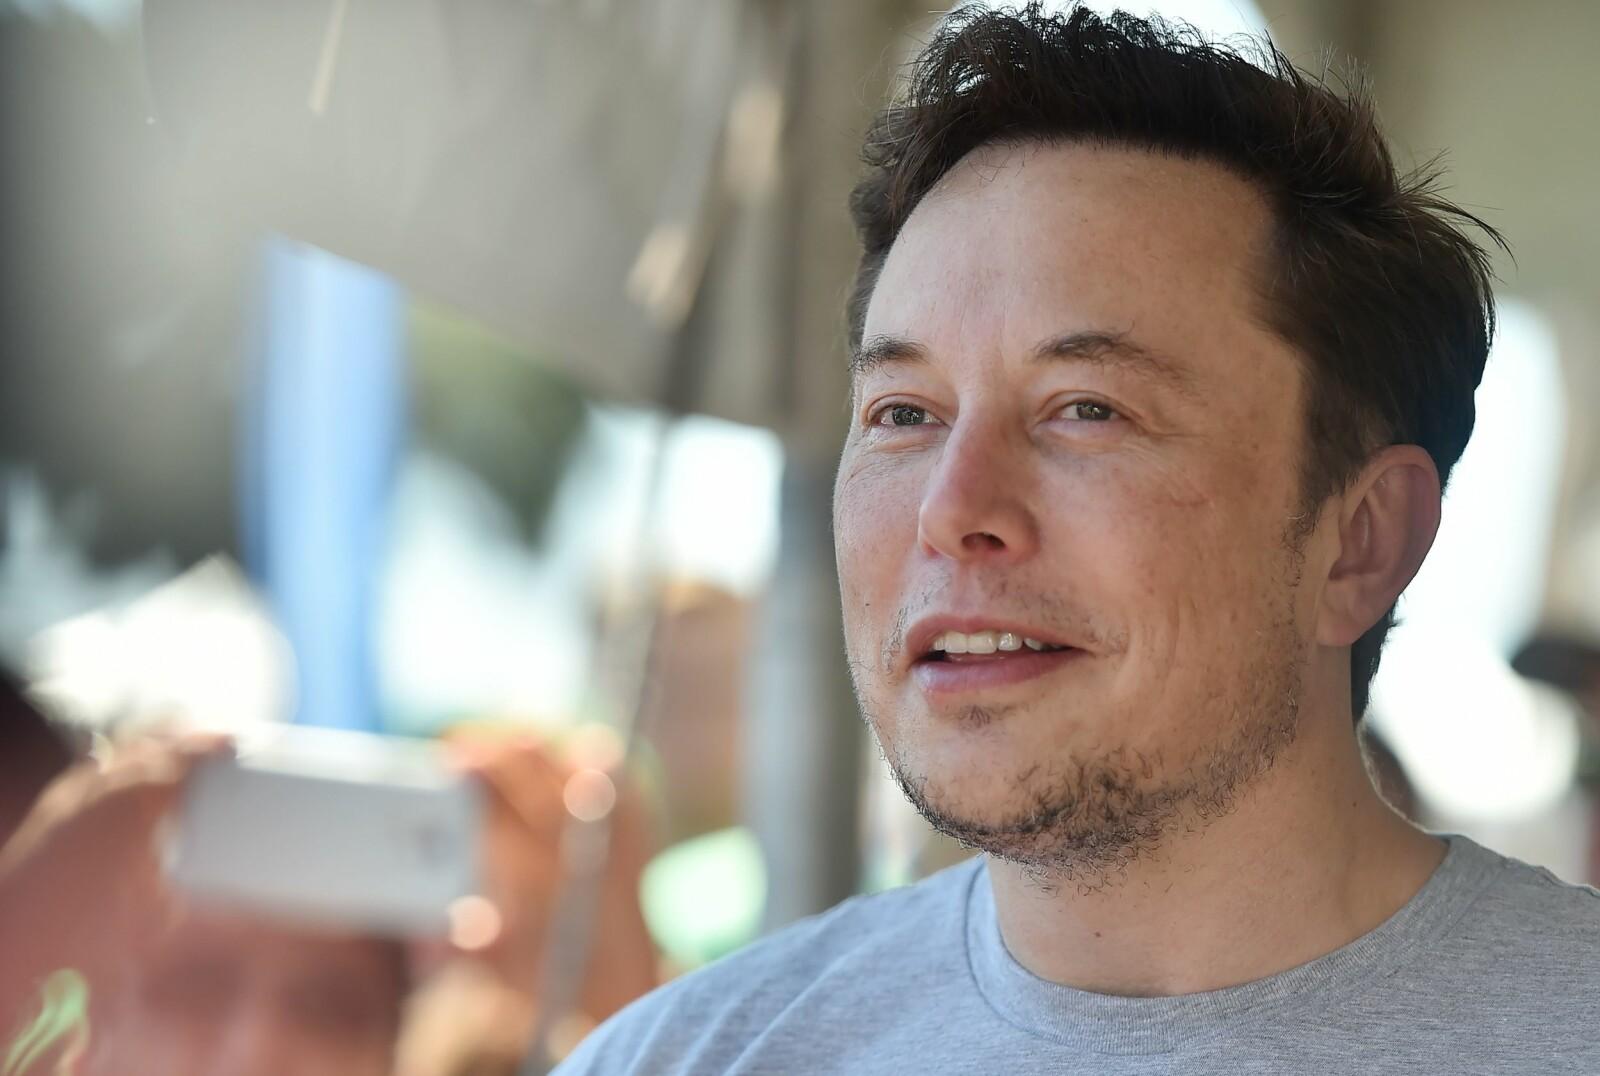 <b>VISJONÆR:</b> Elon Musk har revolusjonert både elbilproduksjon, gjenbrukbare romraketter, nettbetaling og Hyperloop for lynrask persontransport.